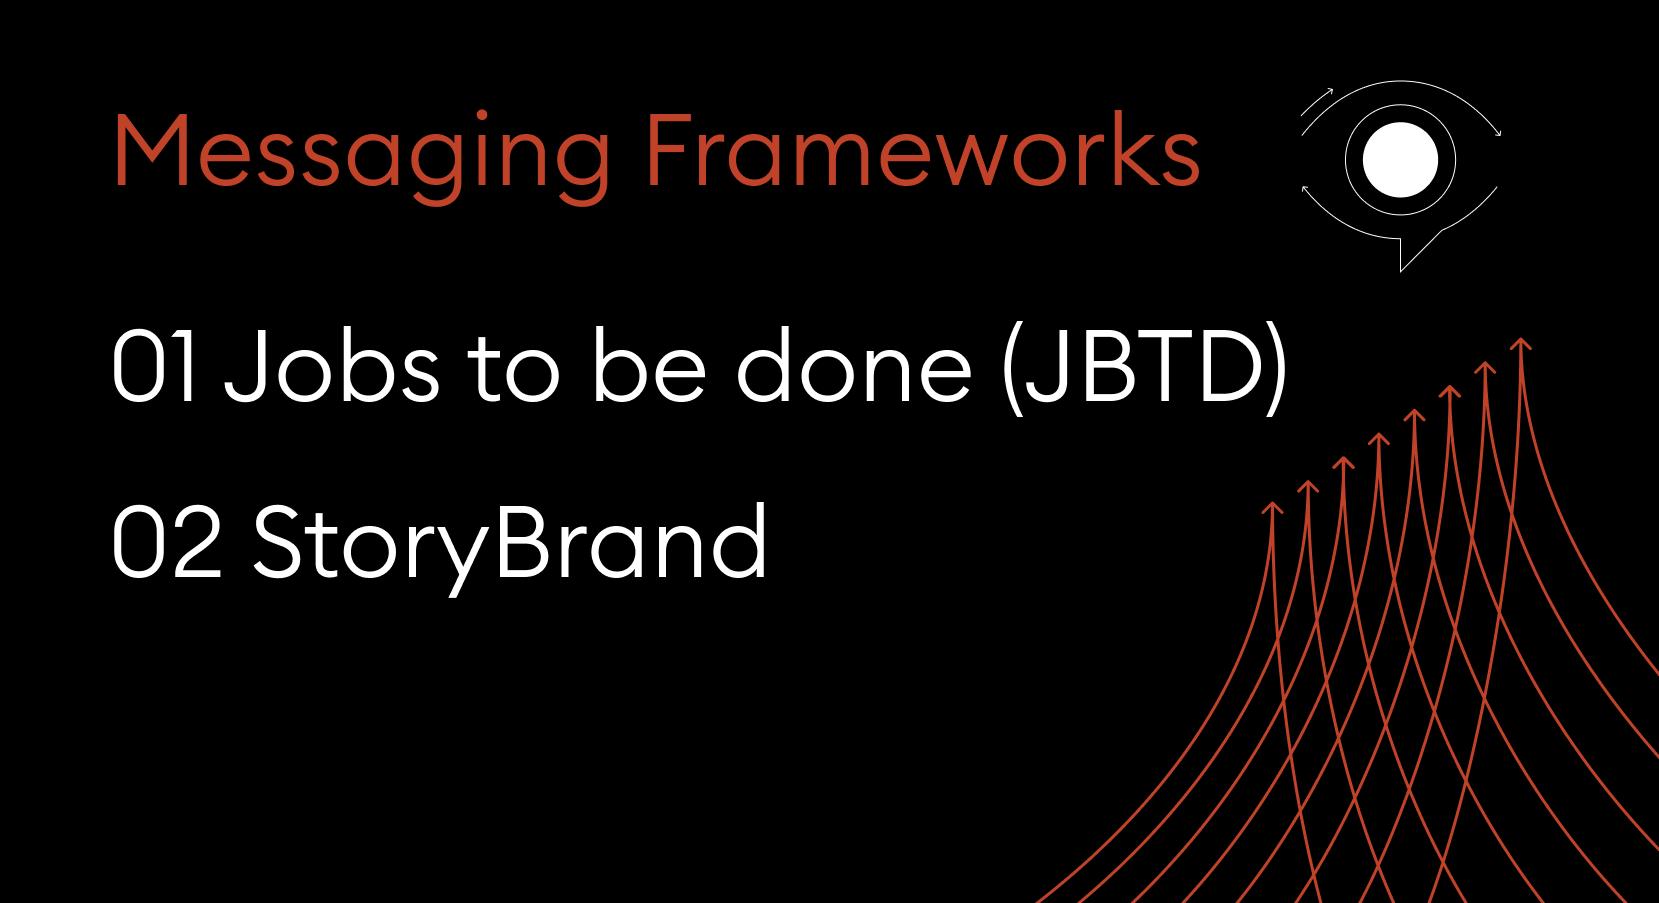 Messaging frameworks